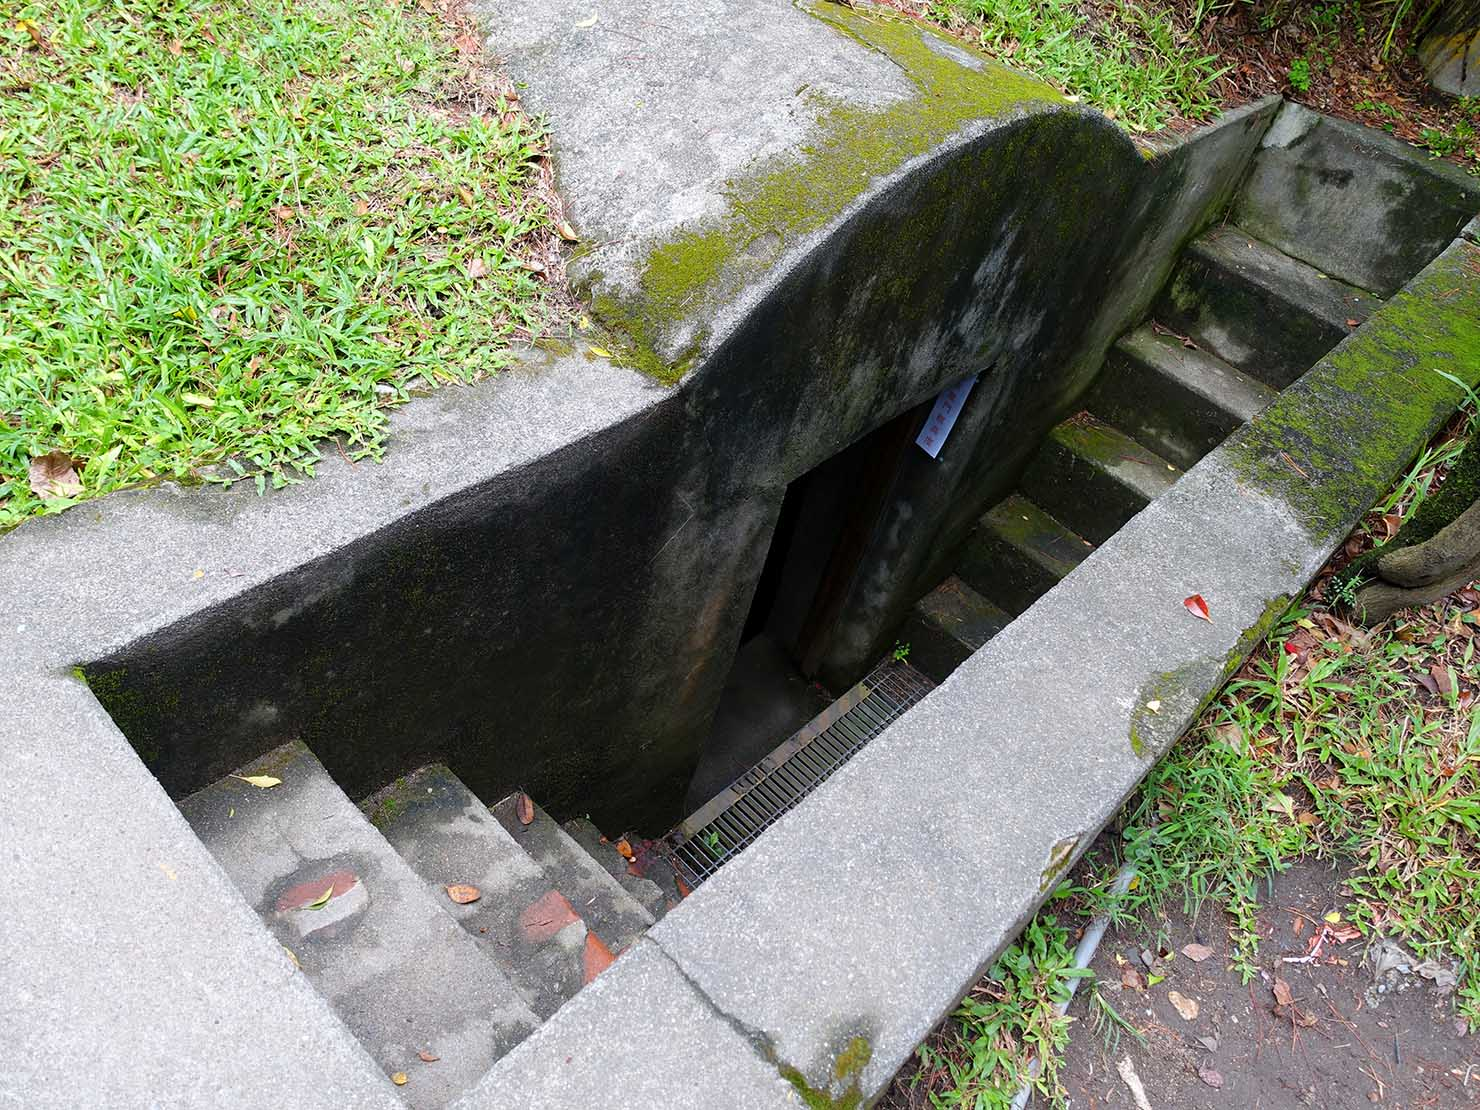 台湾・花蓮のおすすめ観光スポット「松園別館」のシェルターへと続く階段